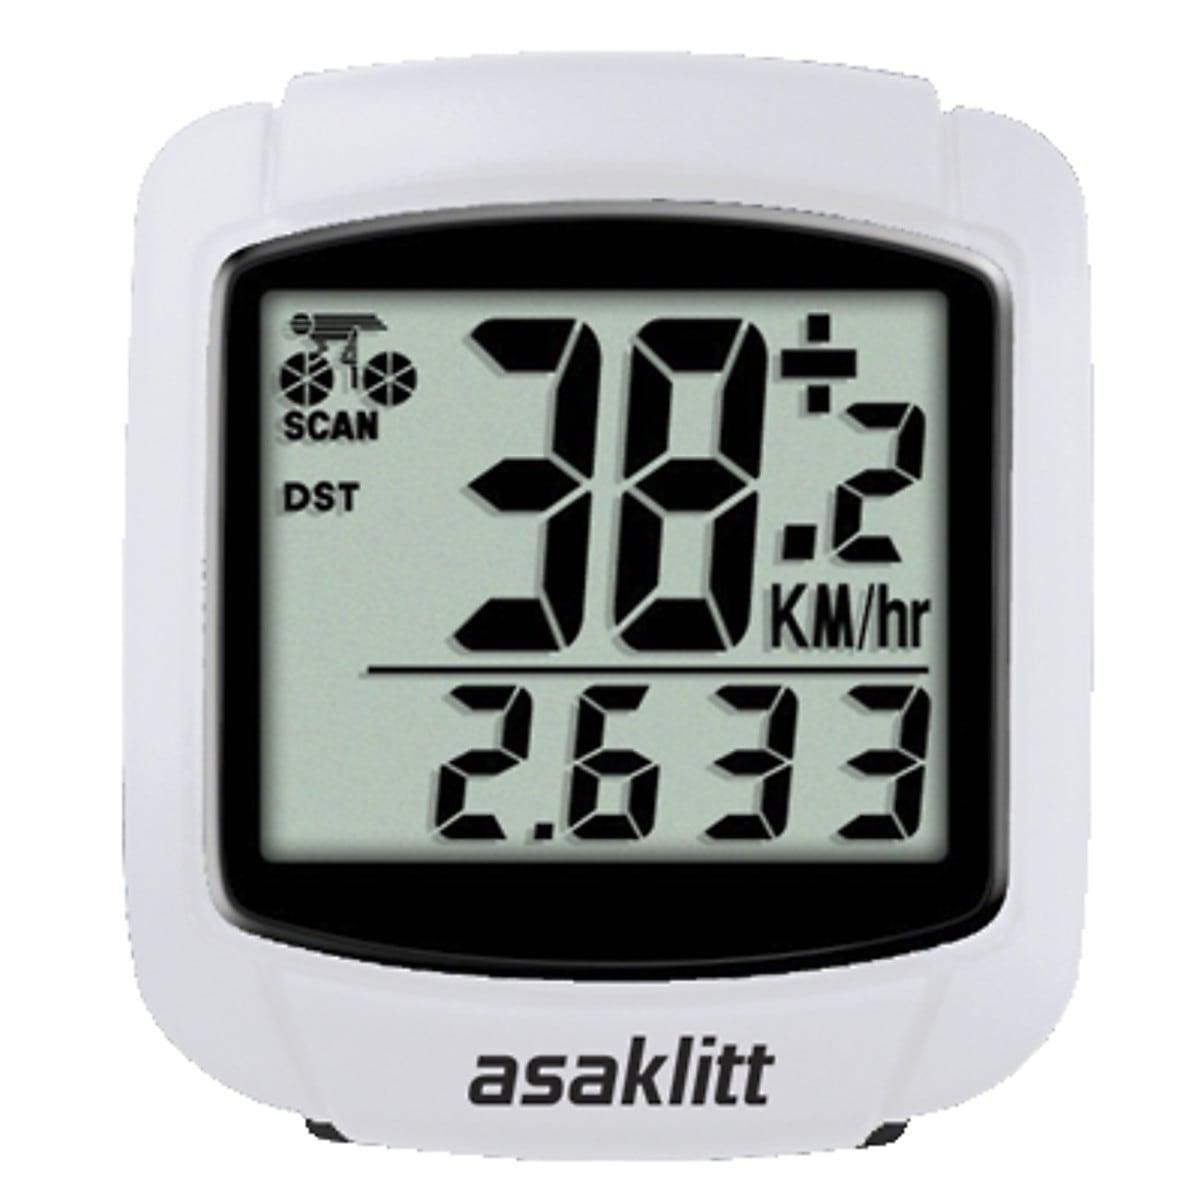 Fahrradcomputer Asaklitt